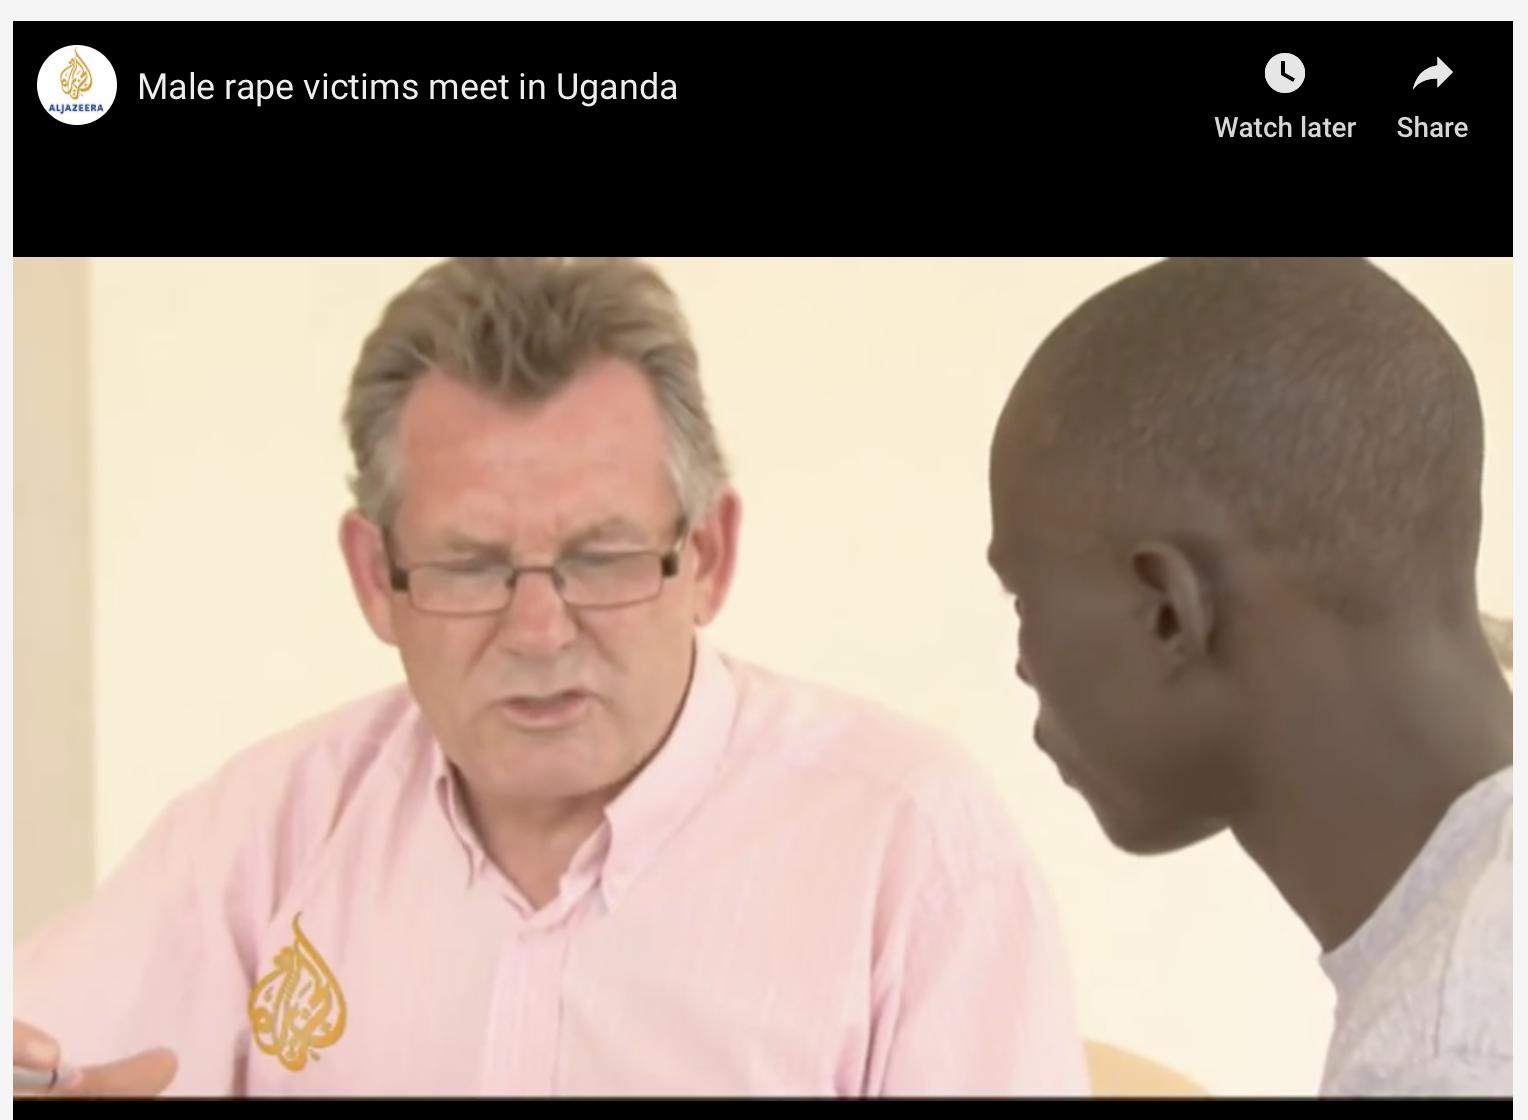 Male Rape Victims Meet in Kampala